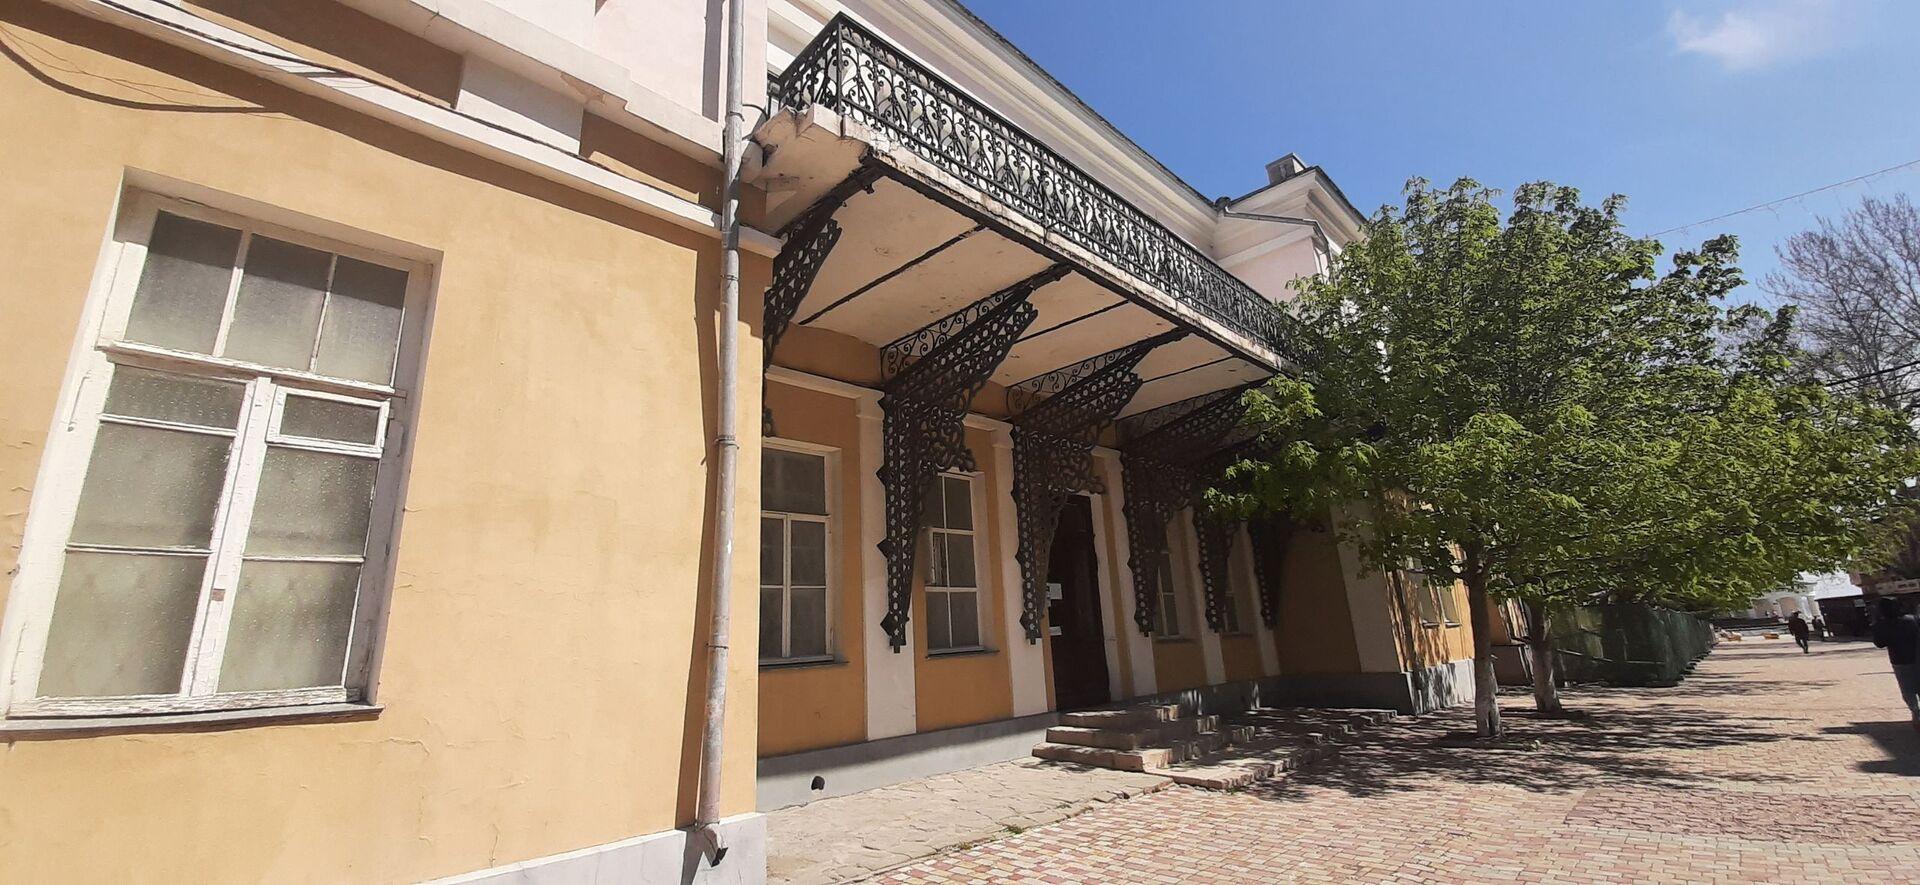 Дом сестры Айвазовского с литыми чугунными консолями над входом - РИА Новости, 1920, 11.08.2021